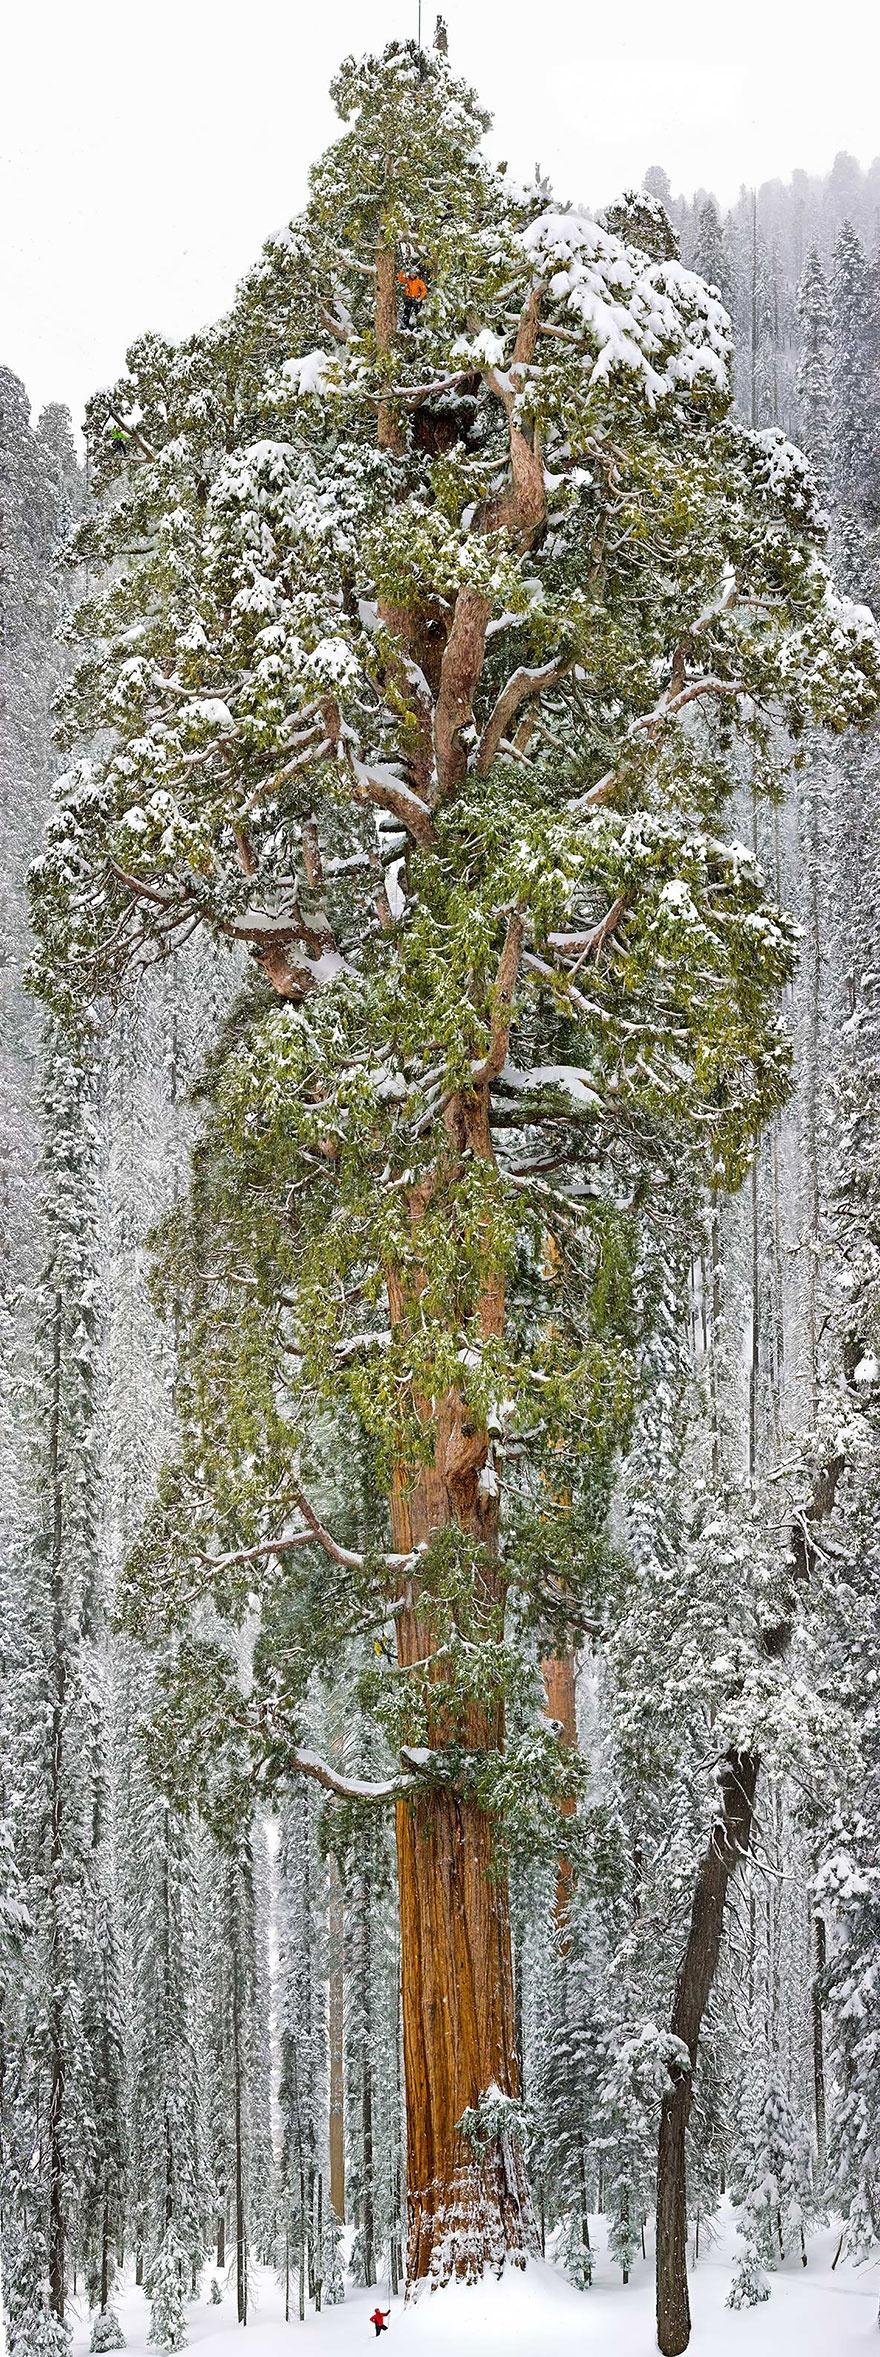 Third largest tree in the world (Giant sequoia), California. Третье по величине дерево в мире (Секвойя гигантская, или Секвойядендрон гигантский), Калифорния